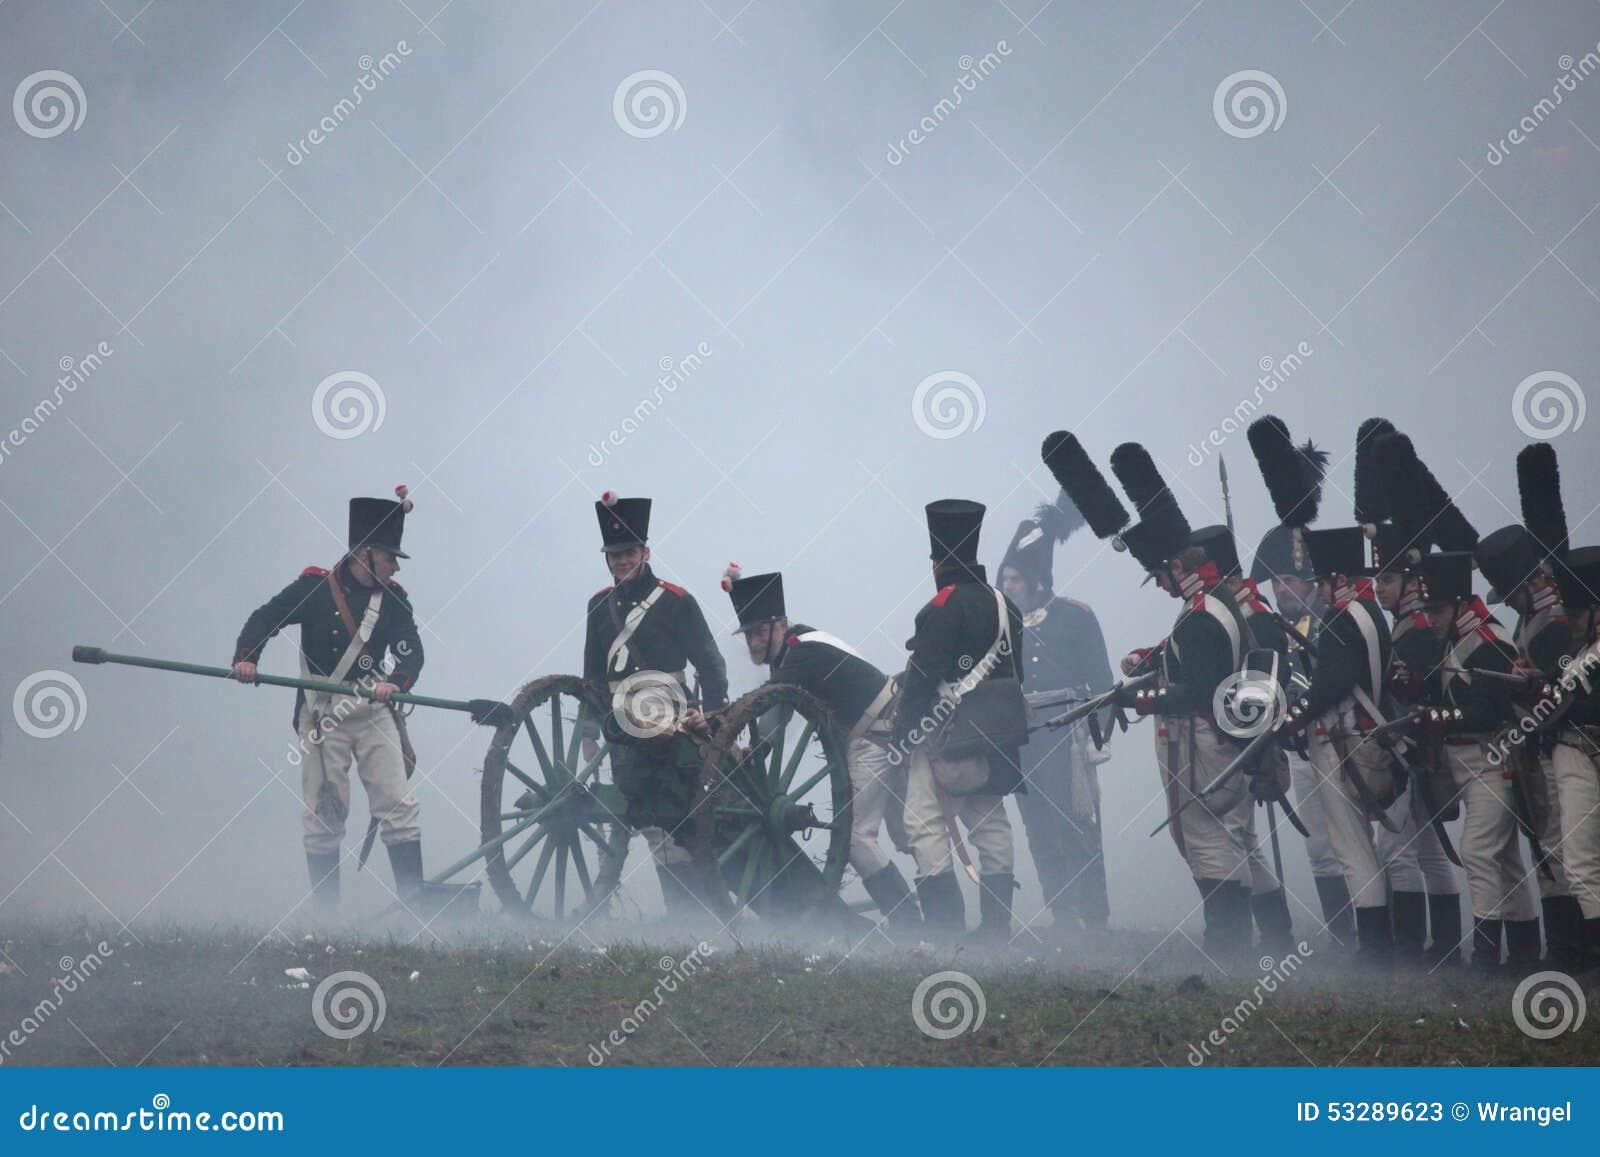 Re-enactment of the Battle of Austerlitz (1805), Czech Republic.